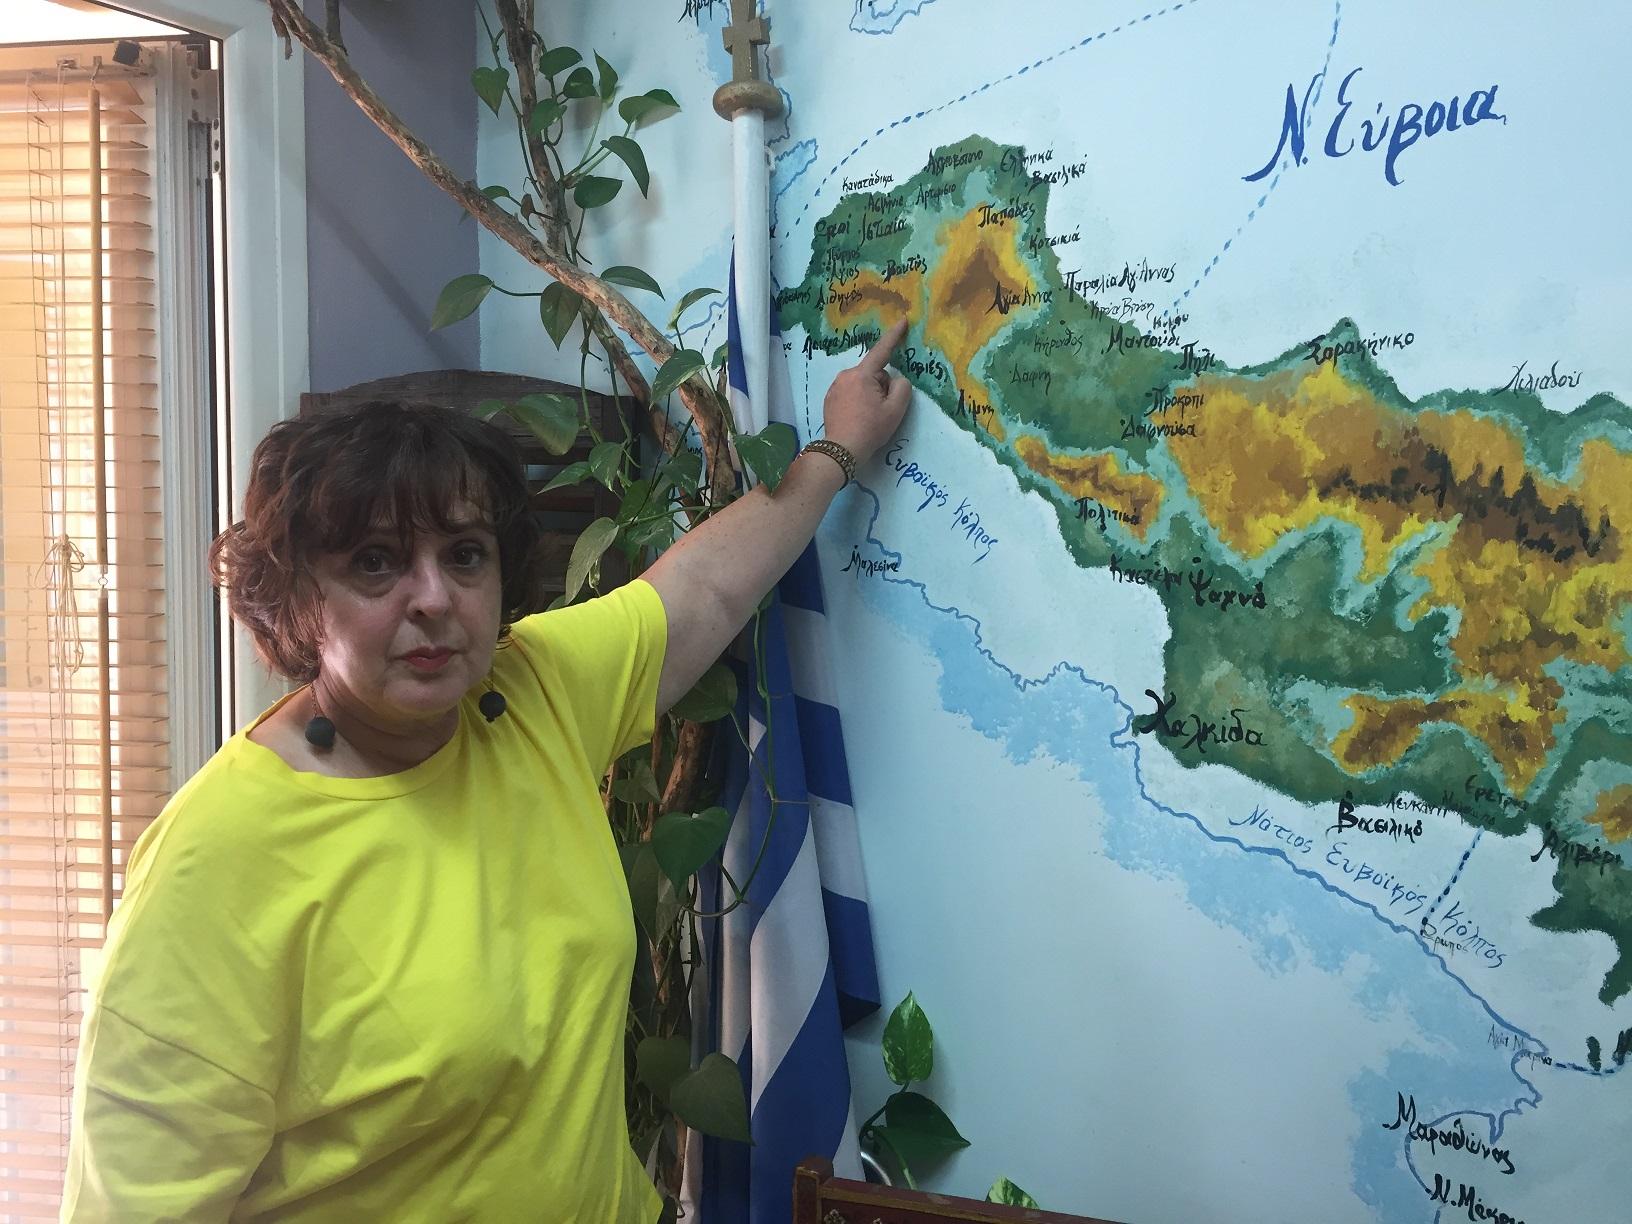 Η Πάρη Ντελκή δείχνει στον χάρτη τις διαδρομές της φωτιάς.